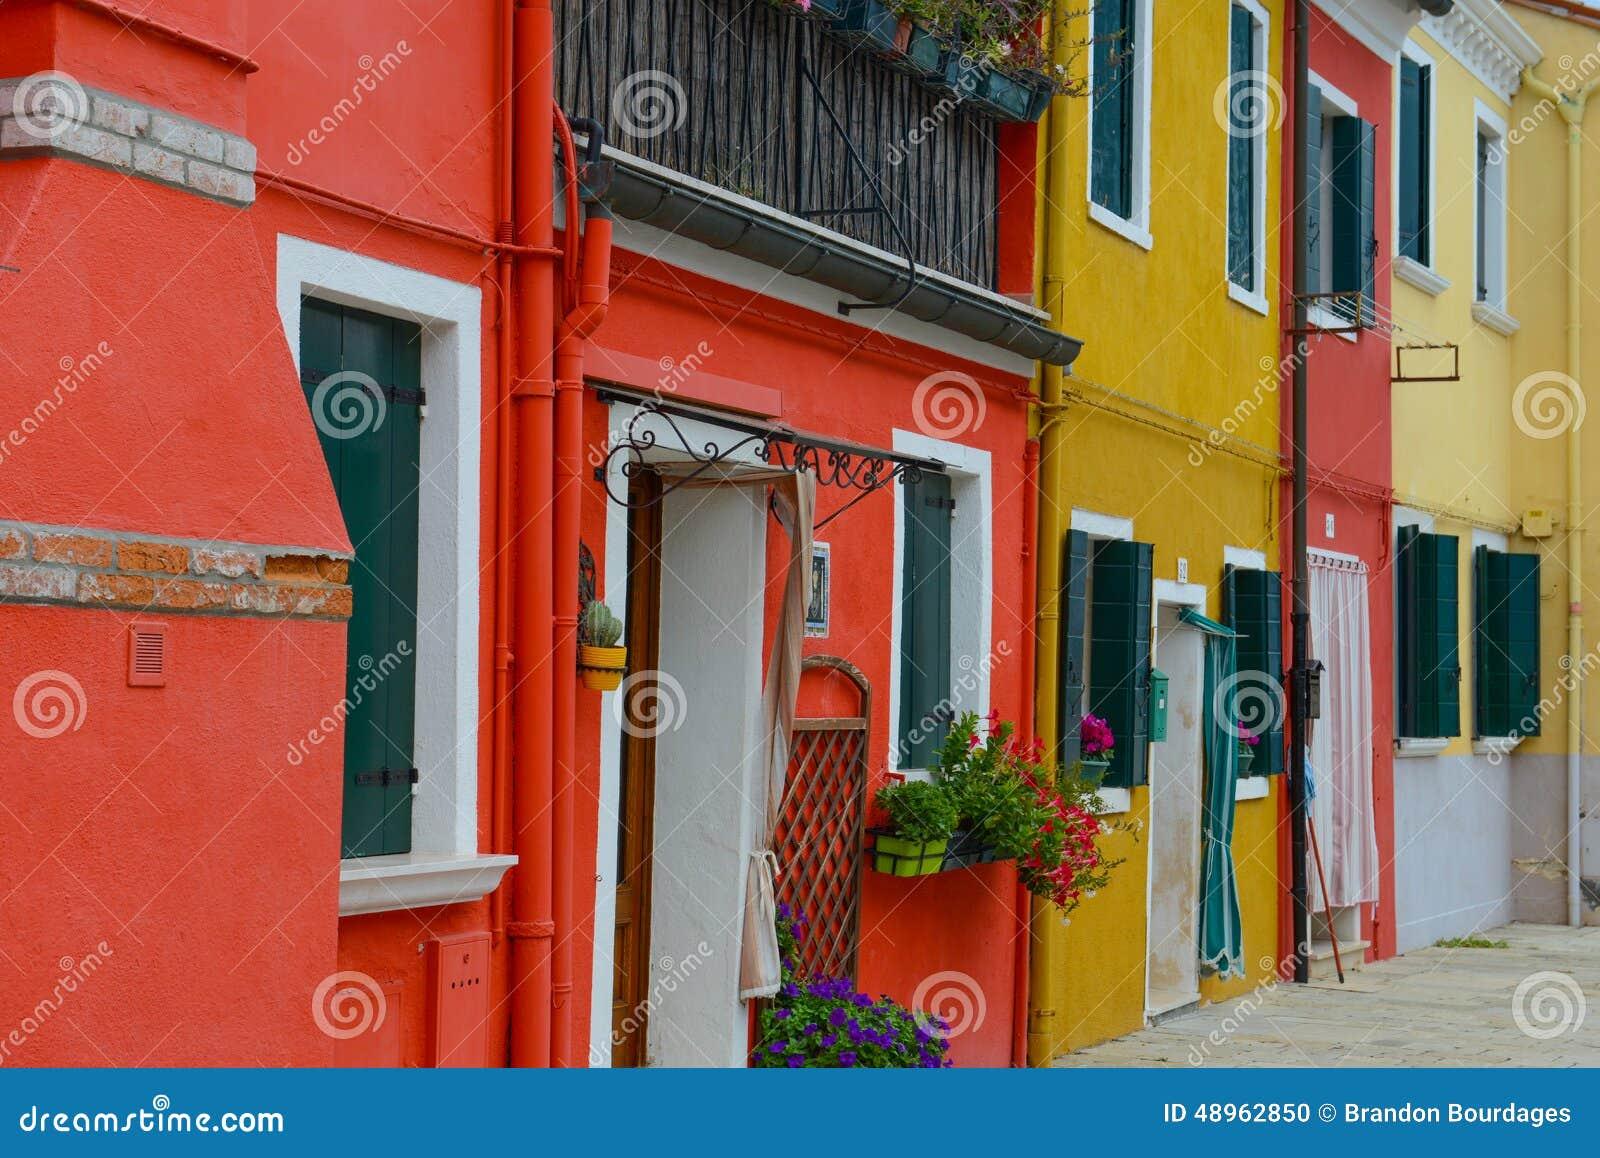 Bunte Häuser In Burano Italien Stockfoto - Bild von außen, italien ...